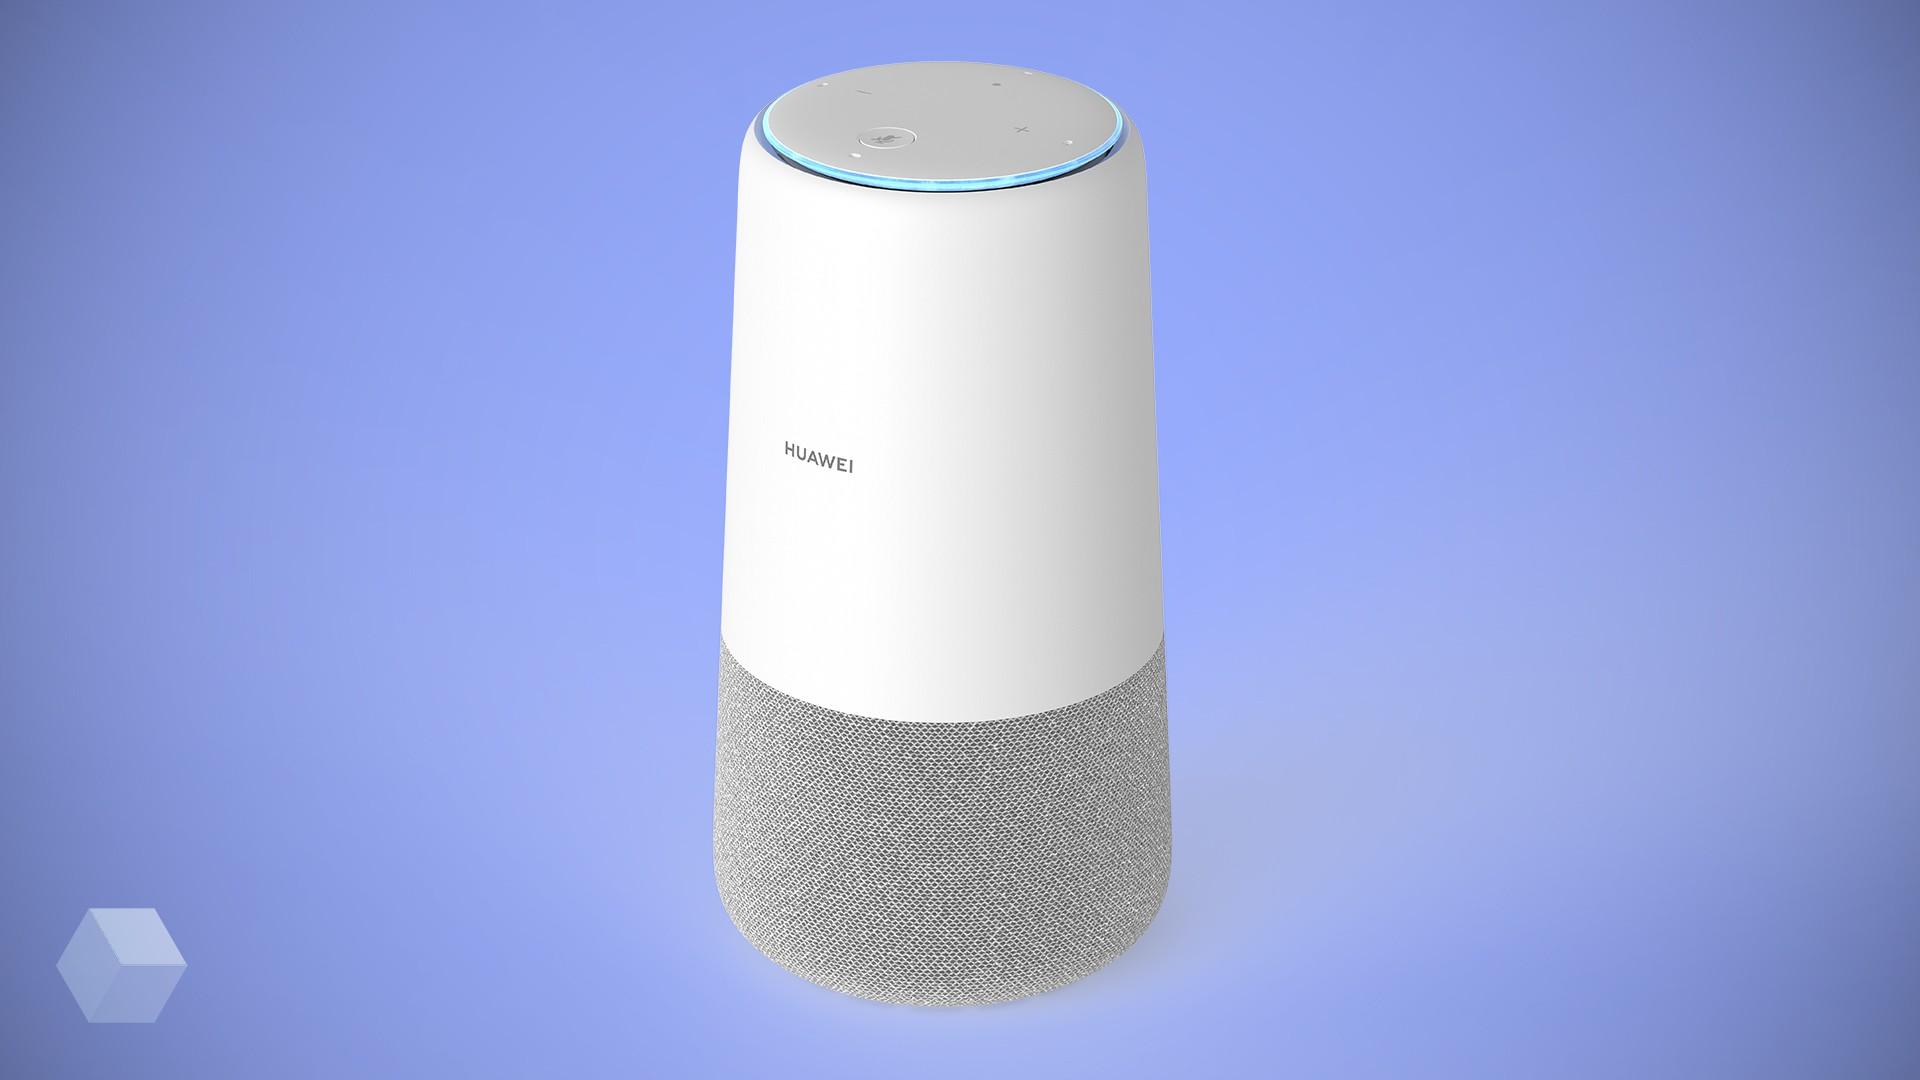 Умная колонка от Huawei с помощником Alexa